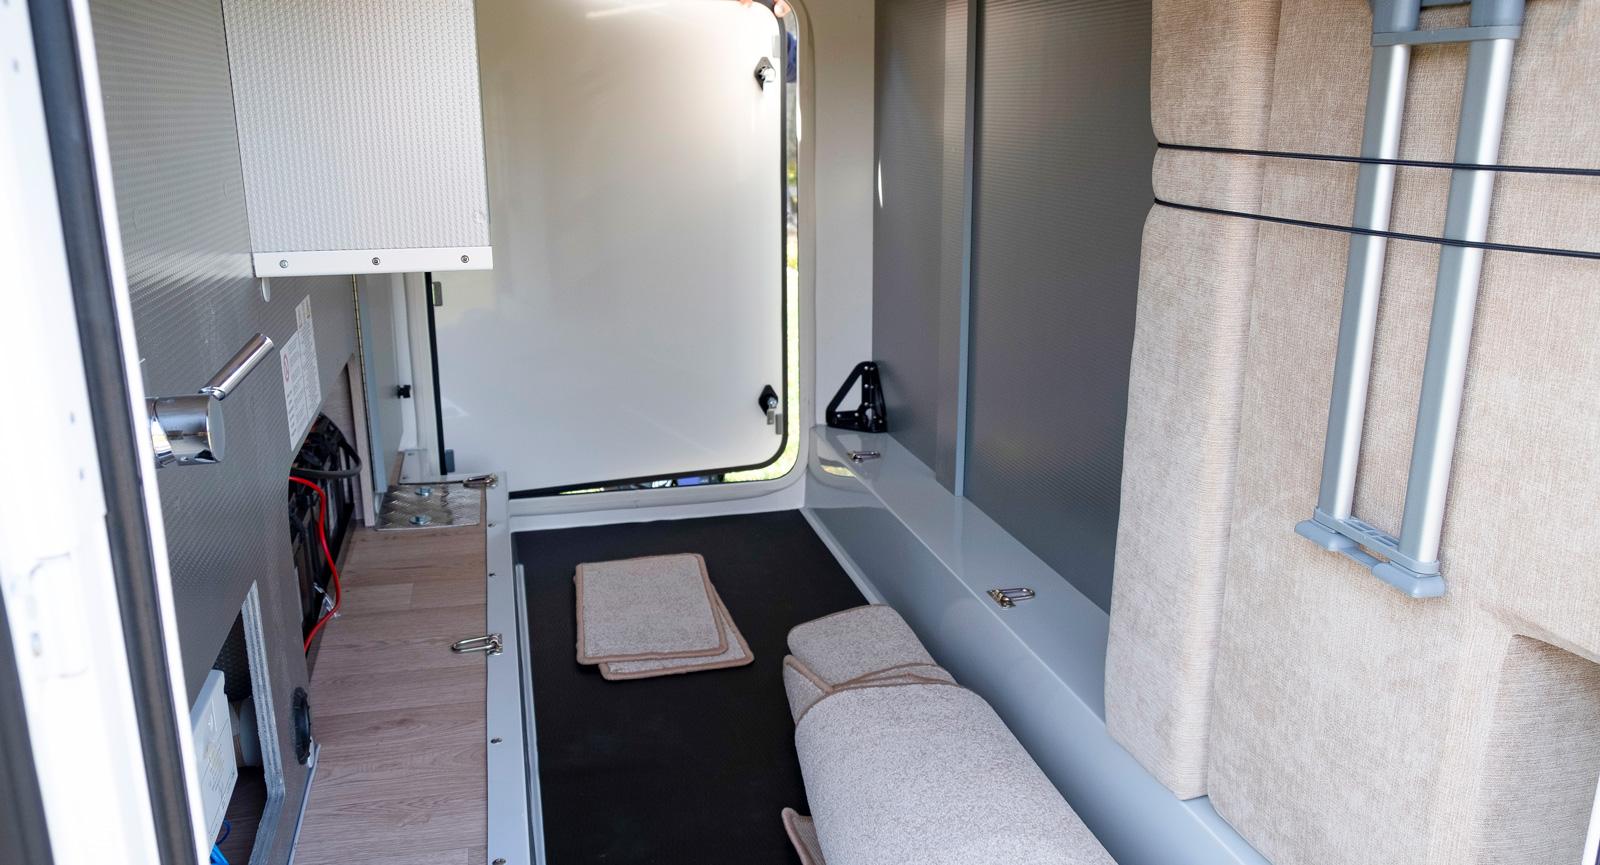 Garaget är smalt men har det mesta man kan önska i form  av belysning, vatten och lastöglor.